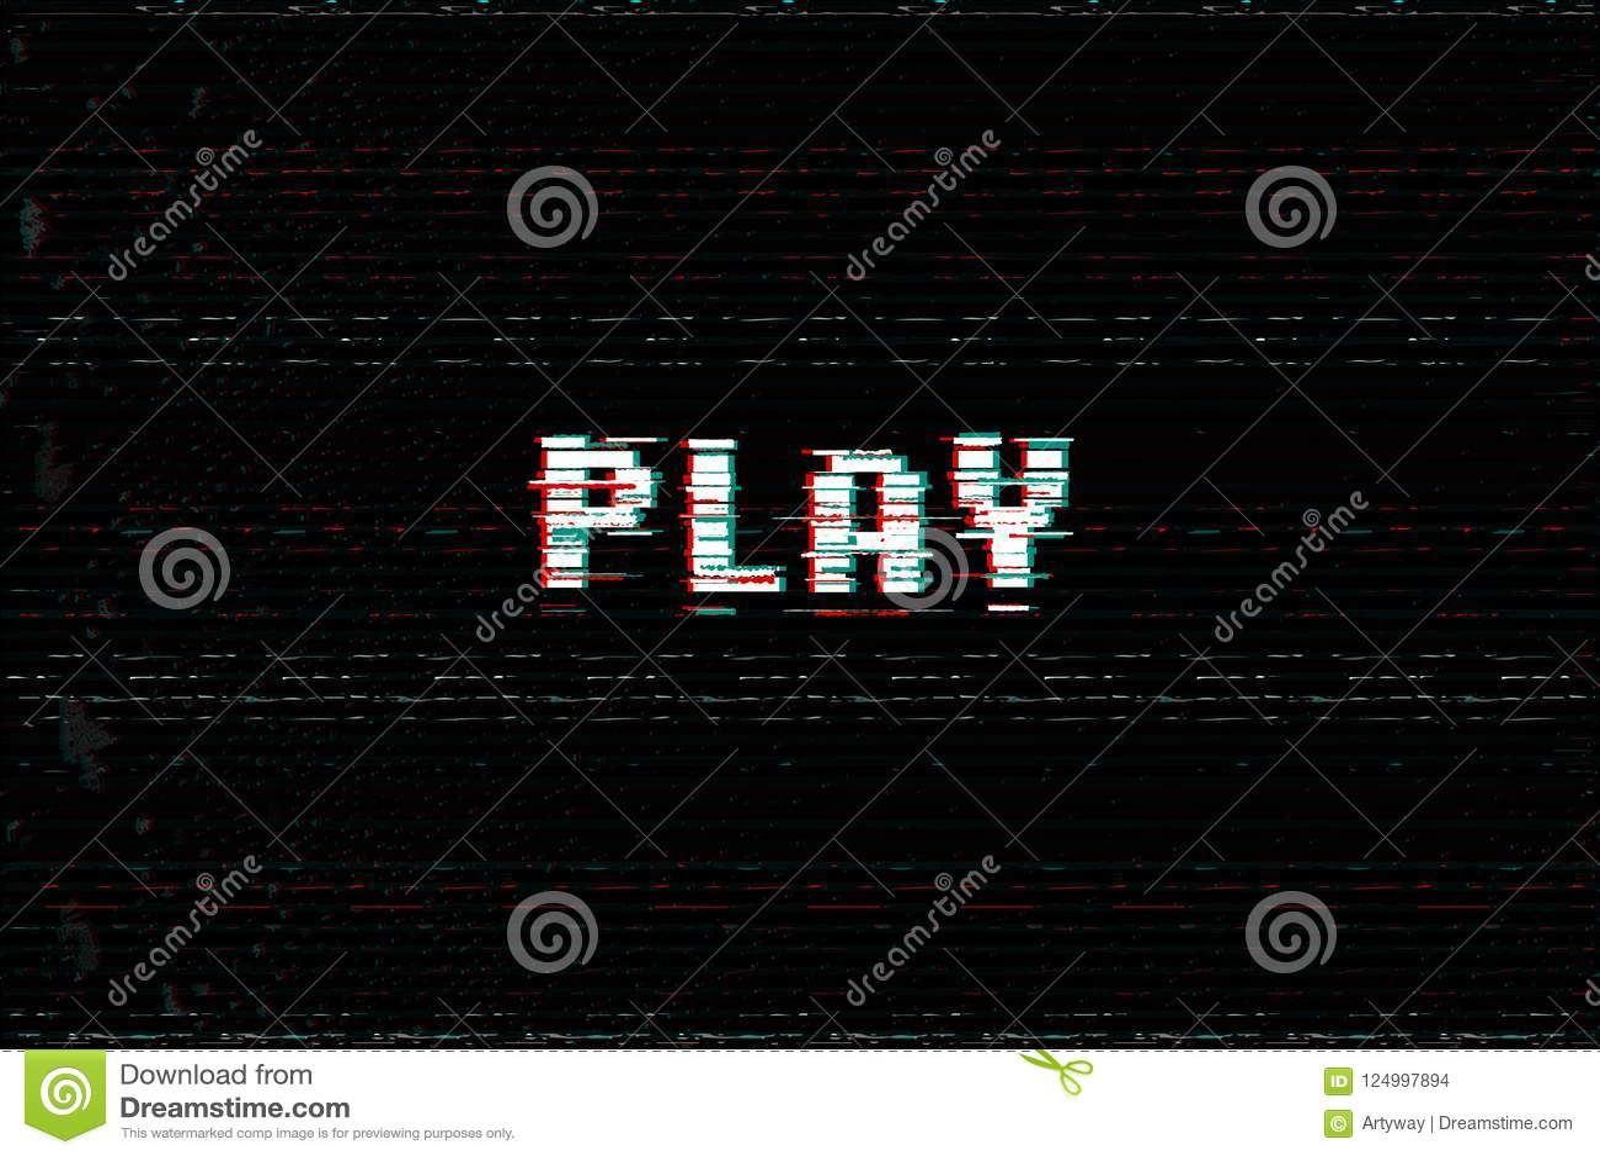 Het bericht van het videospelletjespel, 3D glitch, vhs vervormt effect tekst, begint de arcade met vectorillustratie